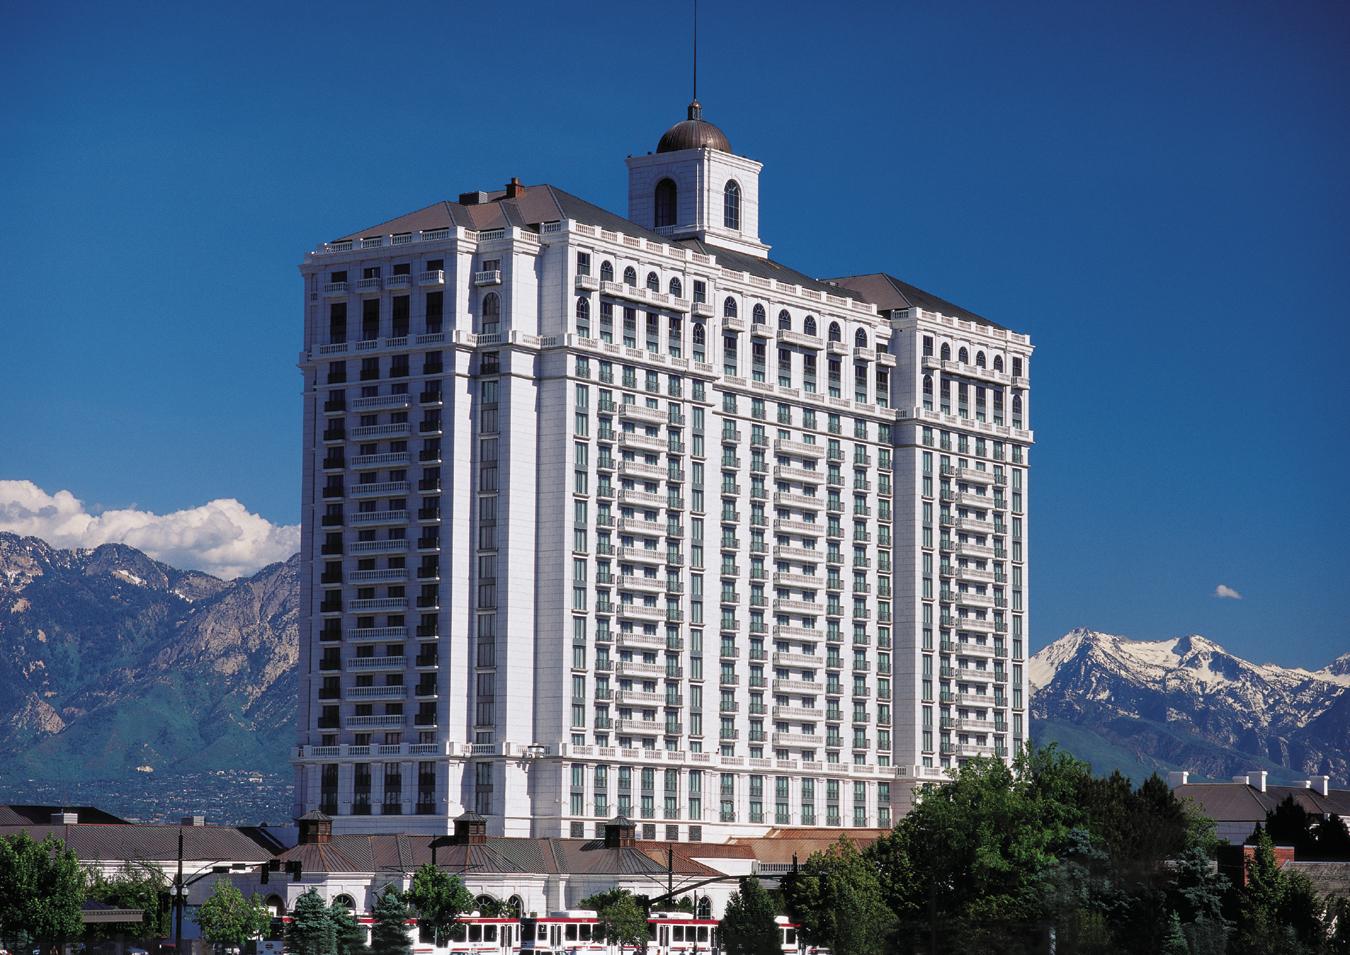 4/The Grand America Hotel